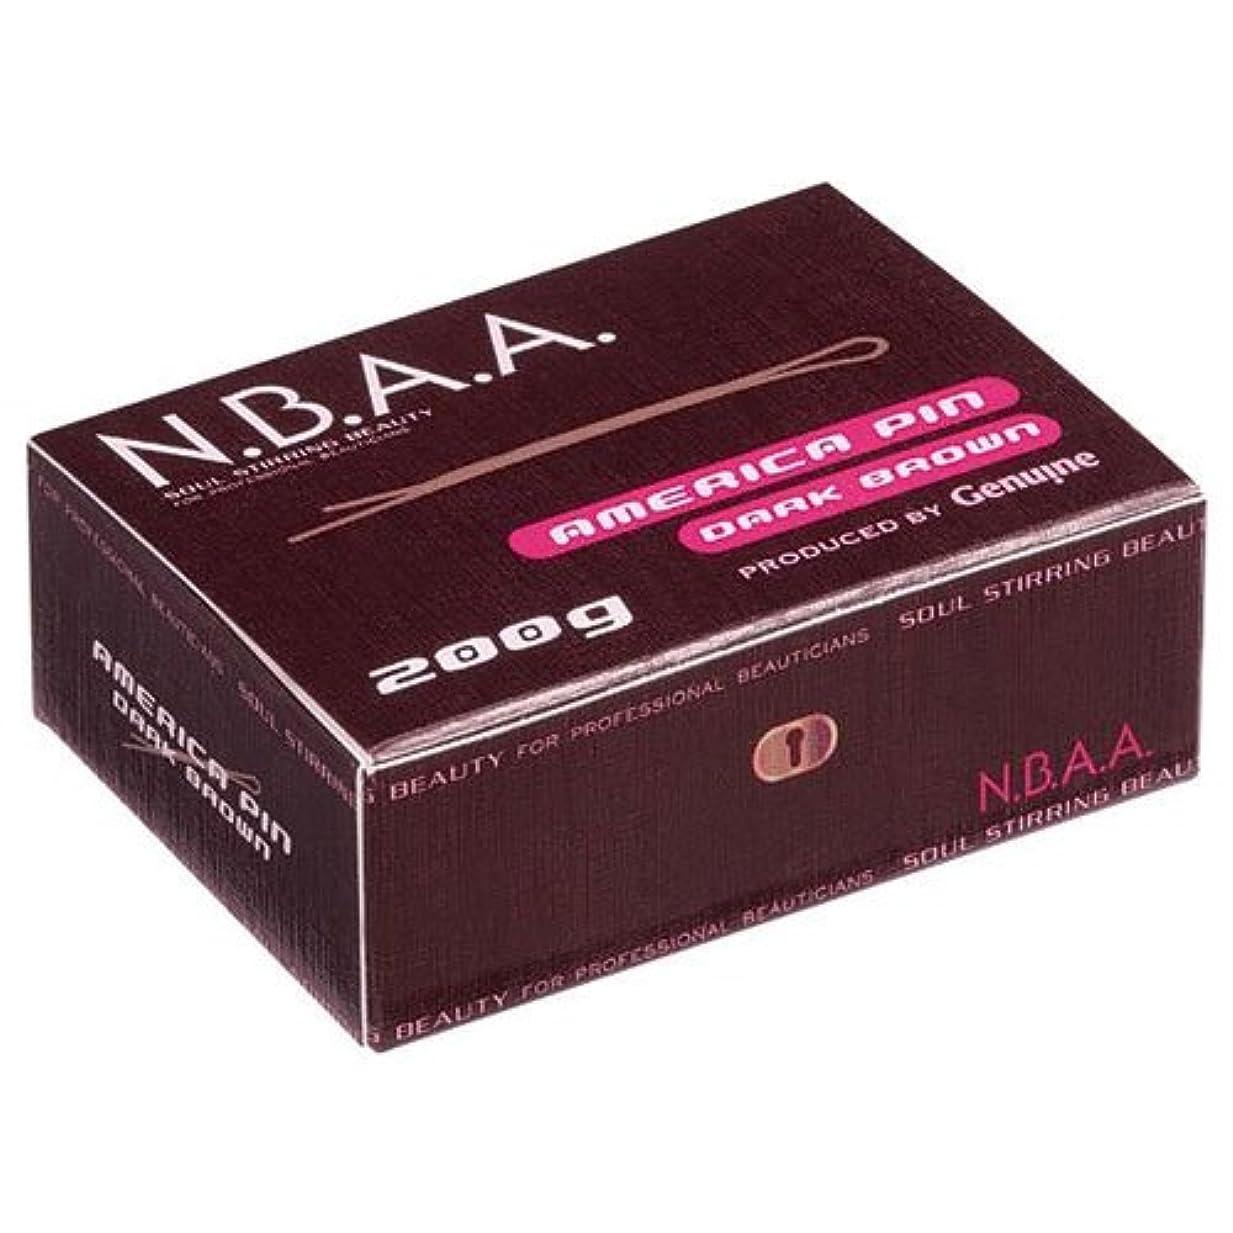 覗く定数自動車NB-P01 NBAA.アメリカピン 200g